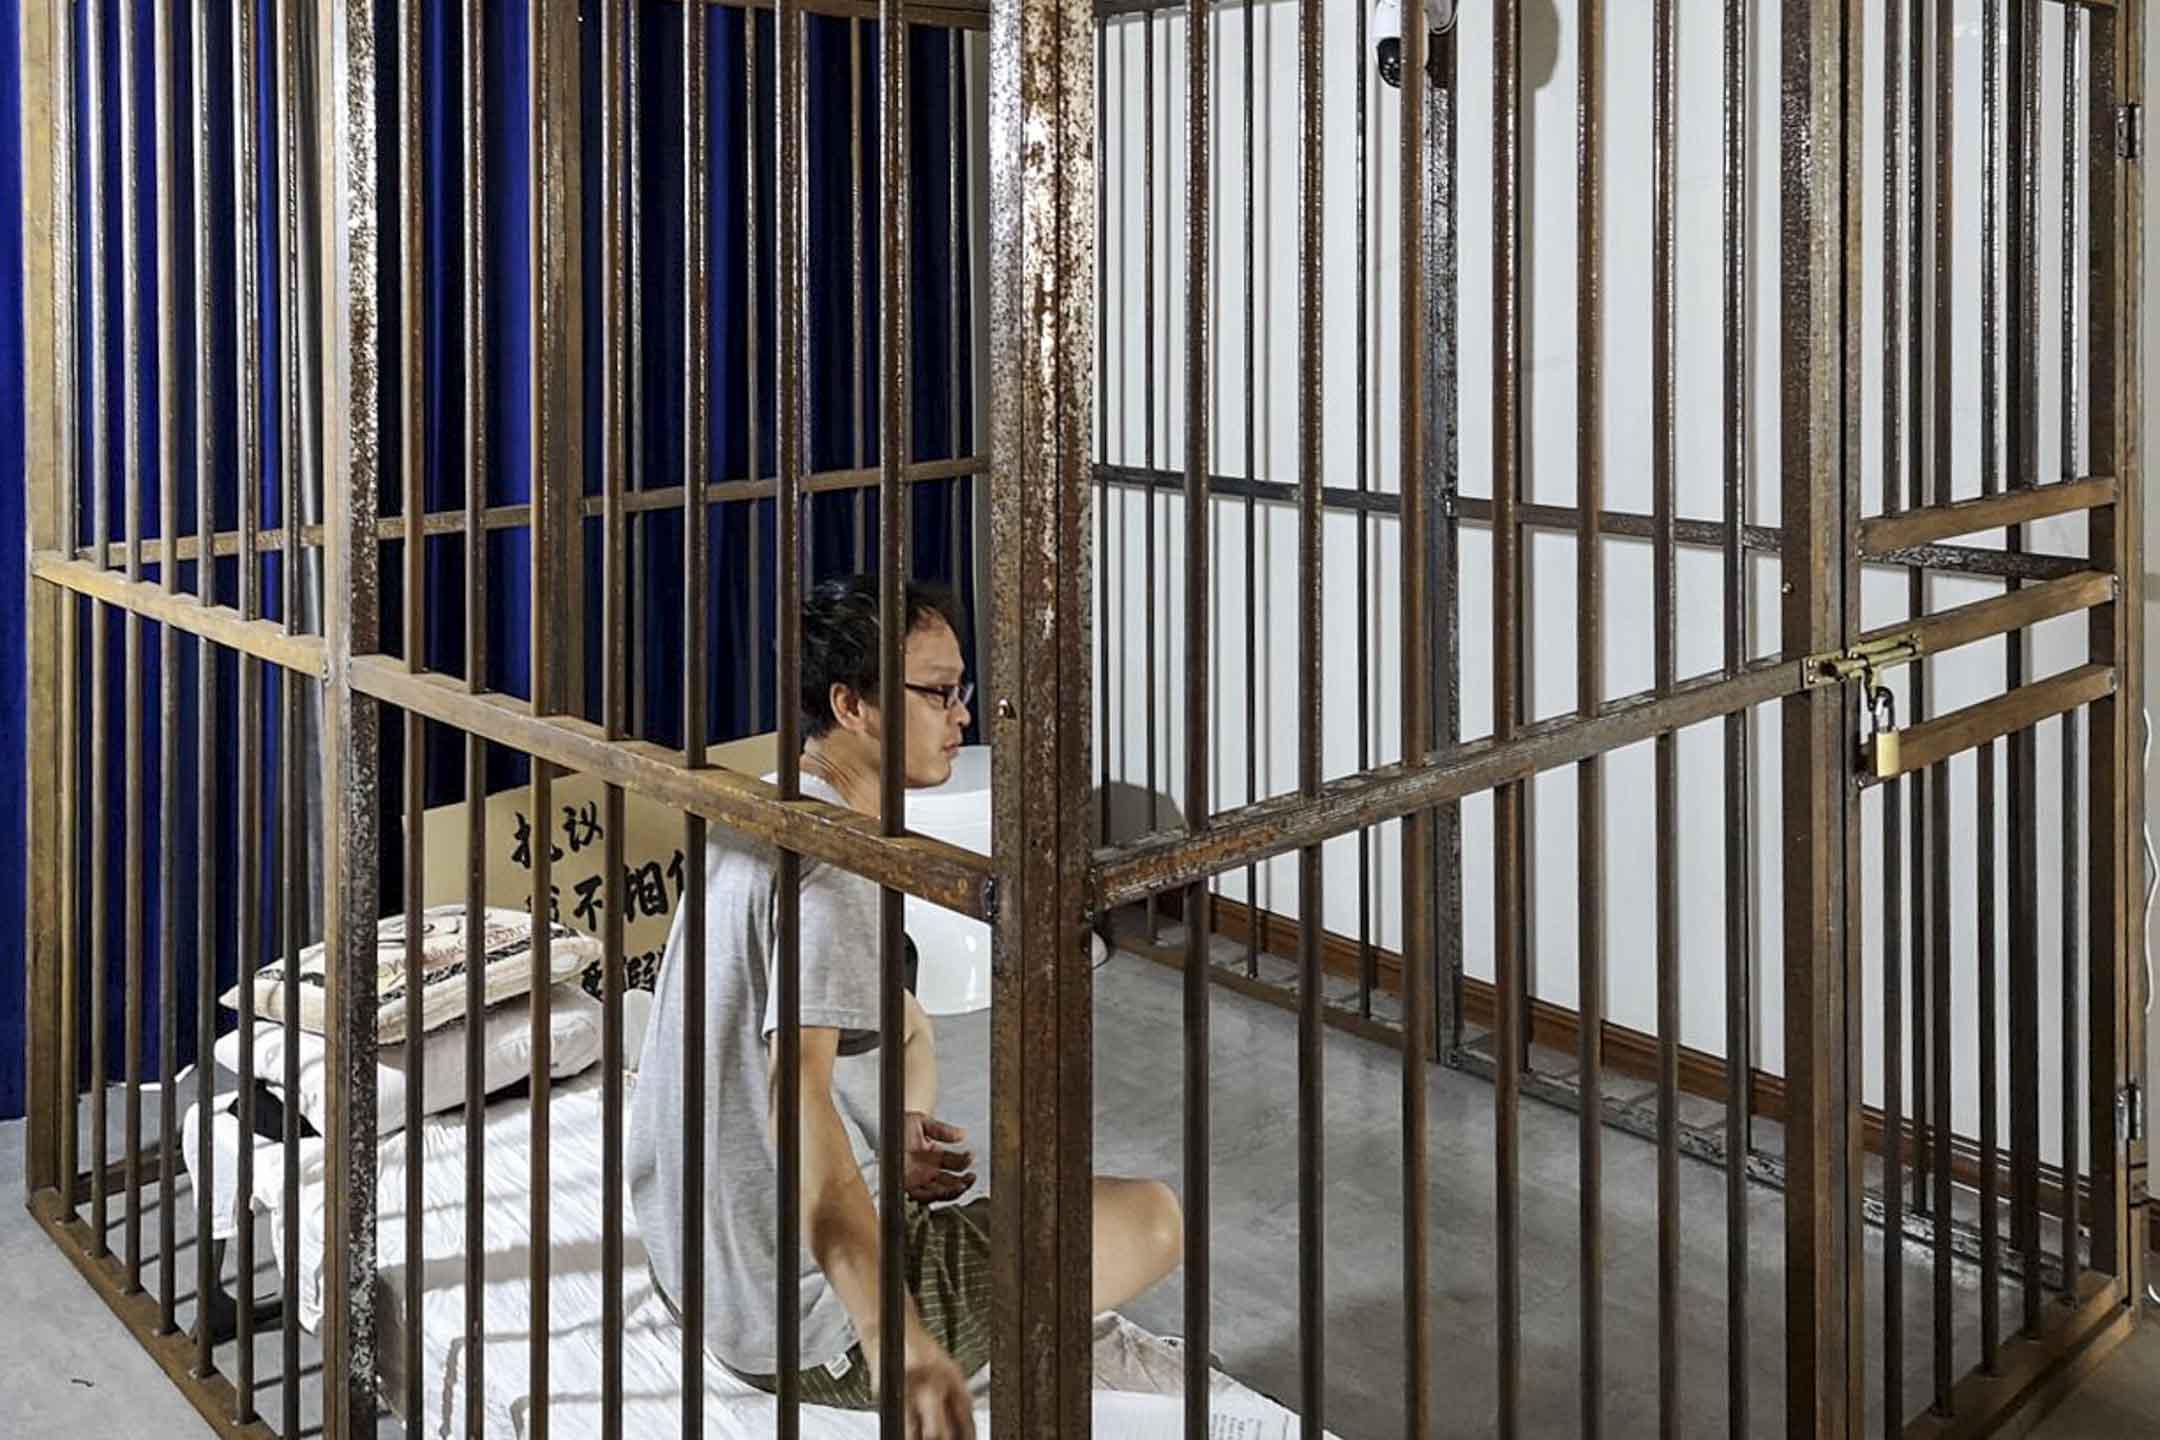 2020年9月,葛林林案二審,妻子唐潔發起「飢餓藝術家計劃」,招募志願者體驗24小時「坐牢」、絕食,並進行網絡直播。 網上圖片